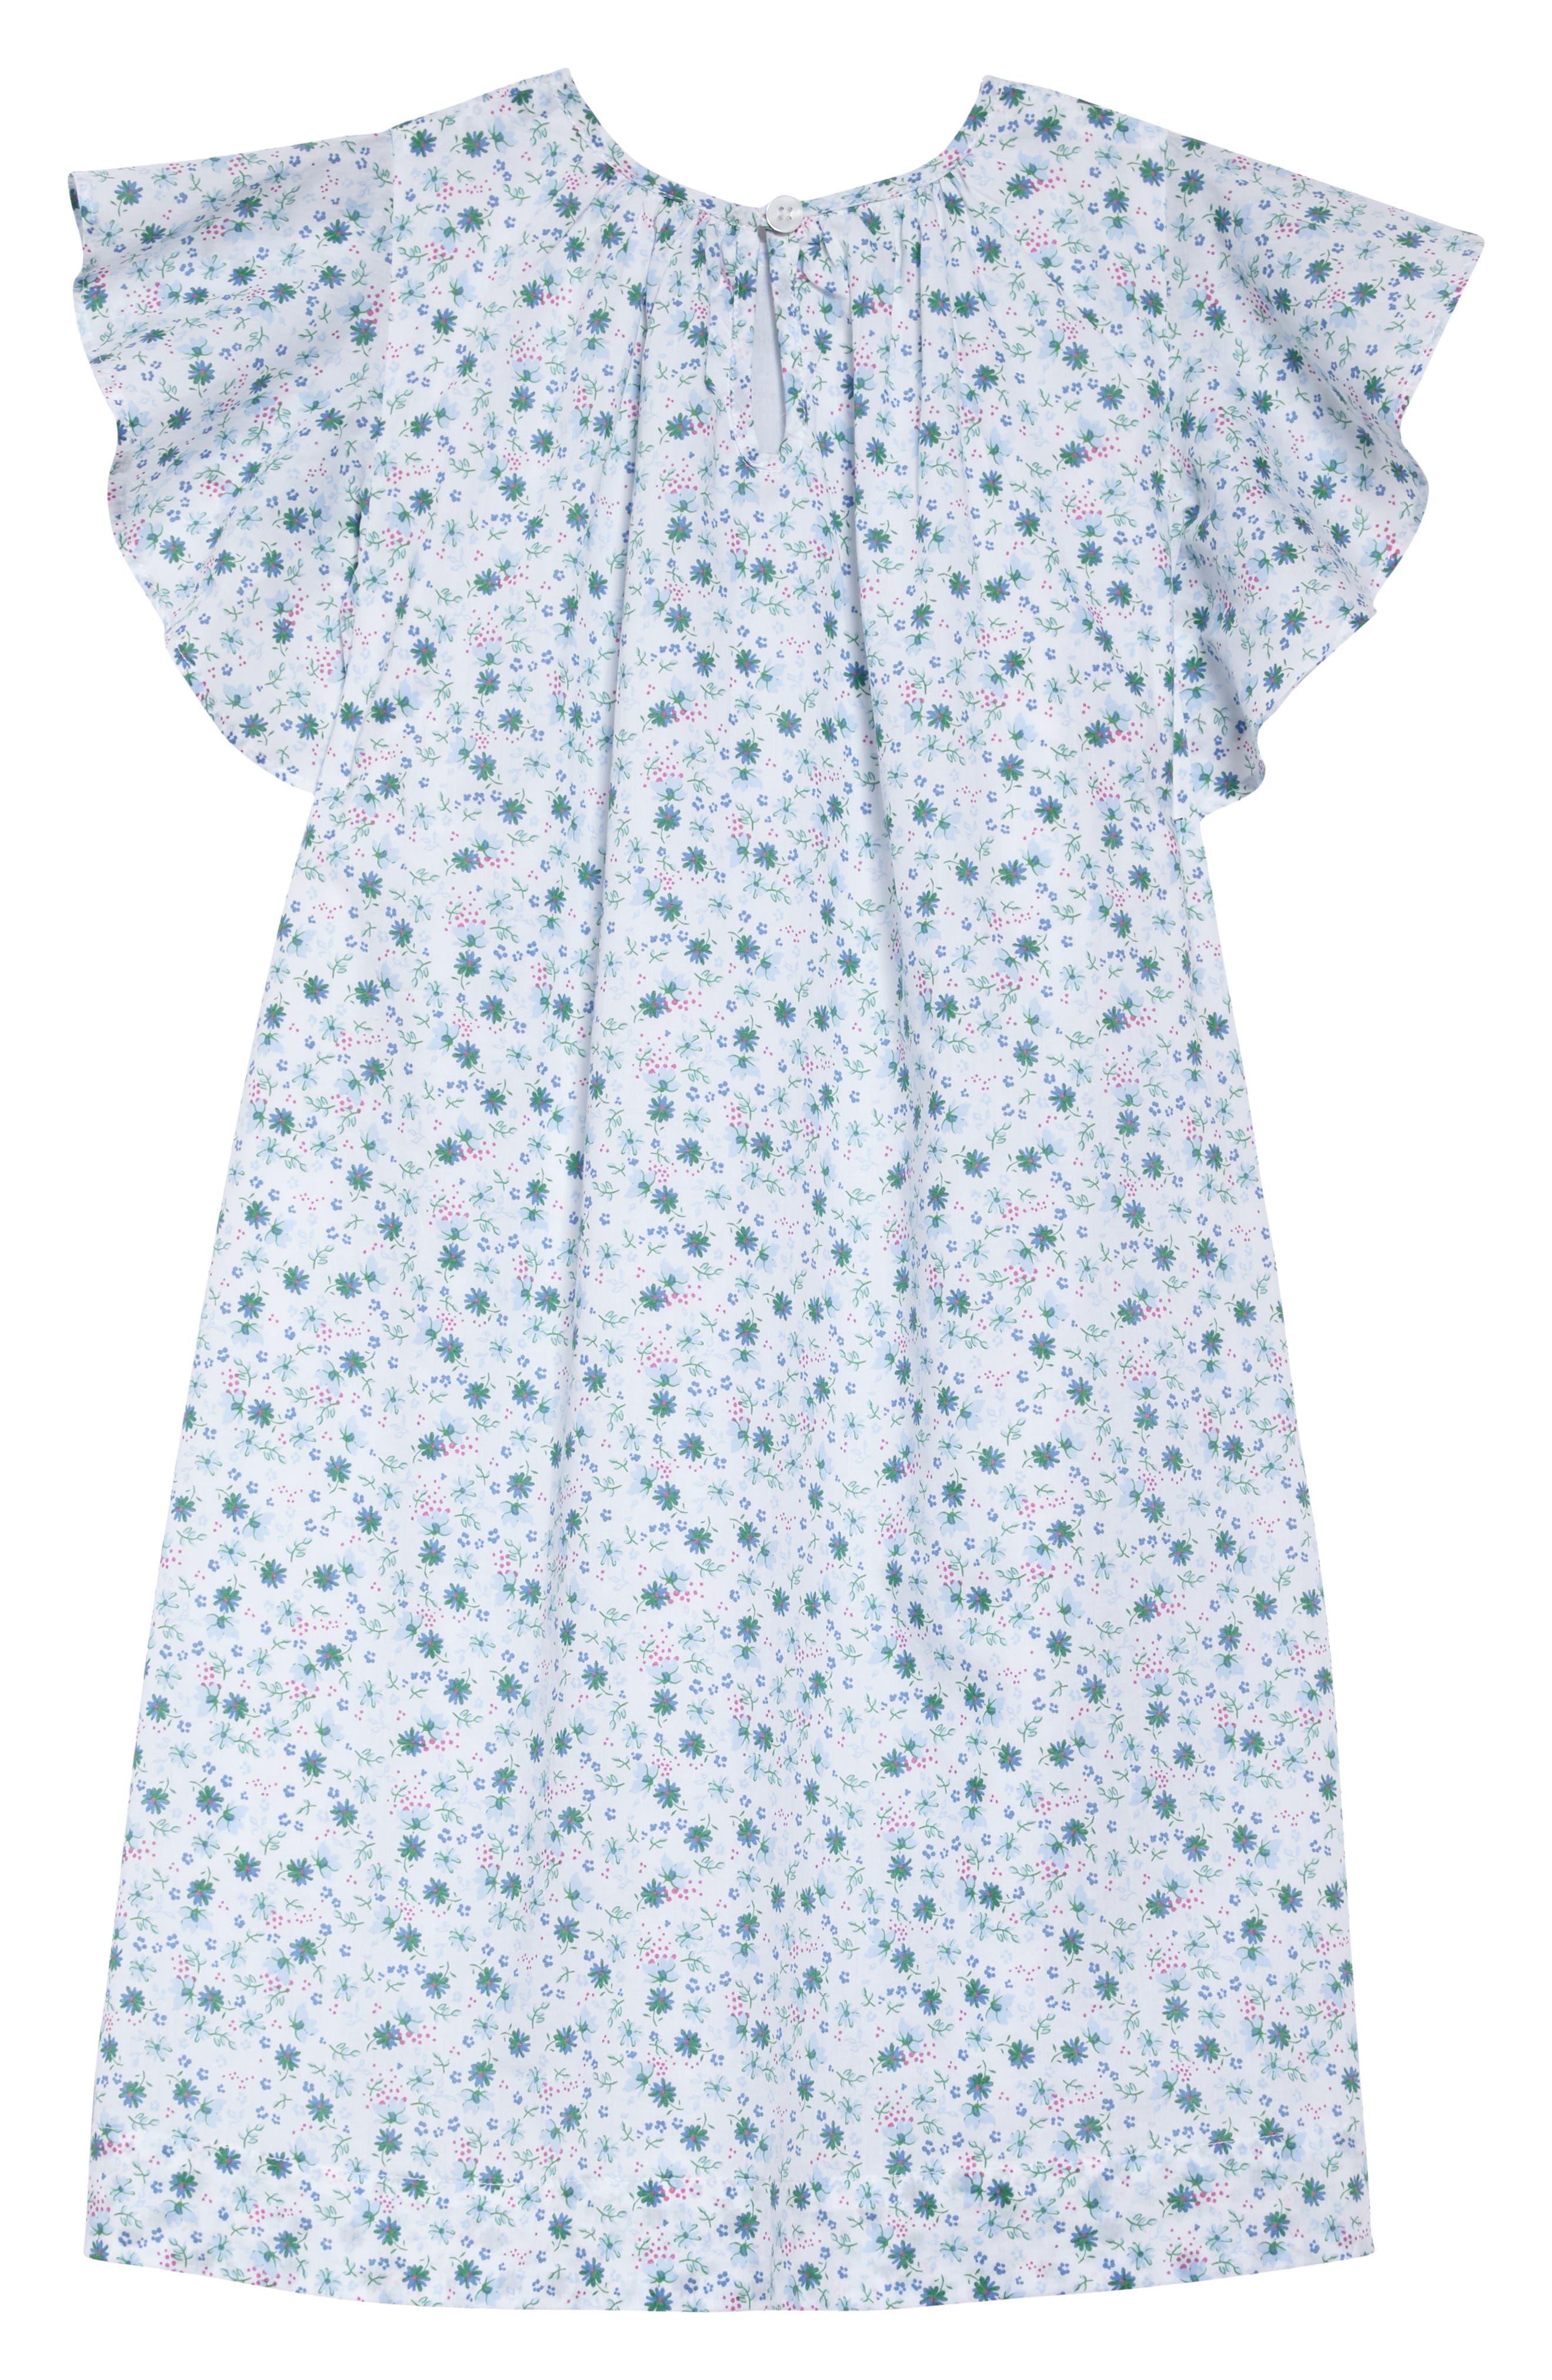 Floral Flutter Sleeve Dress,                             Alternate thumbnail 2, color,                             100